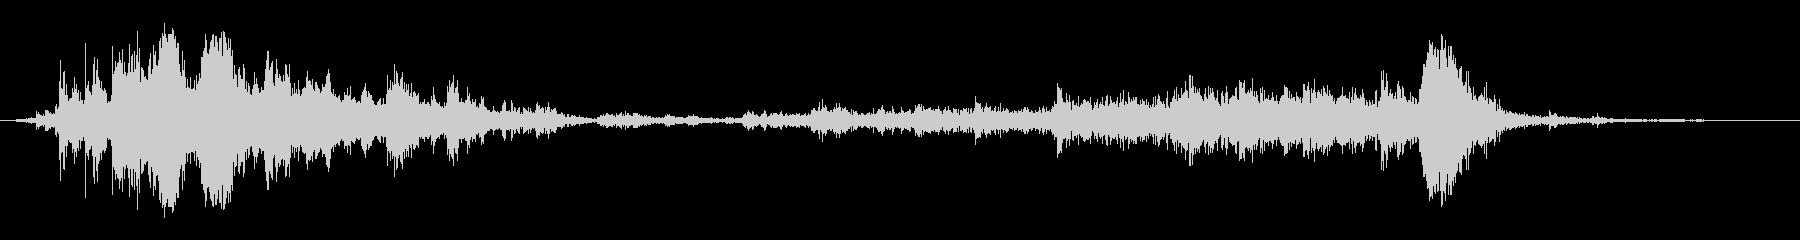 【生録音】ガラガラガラーガシャン(近め)の未再生の波形